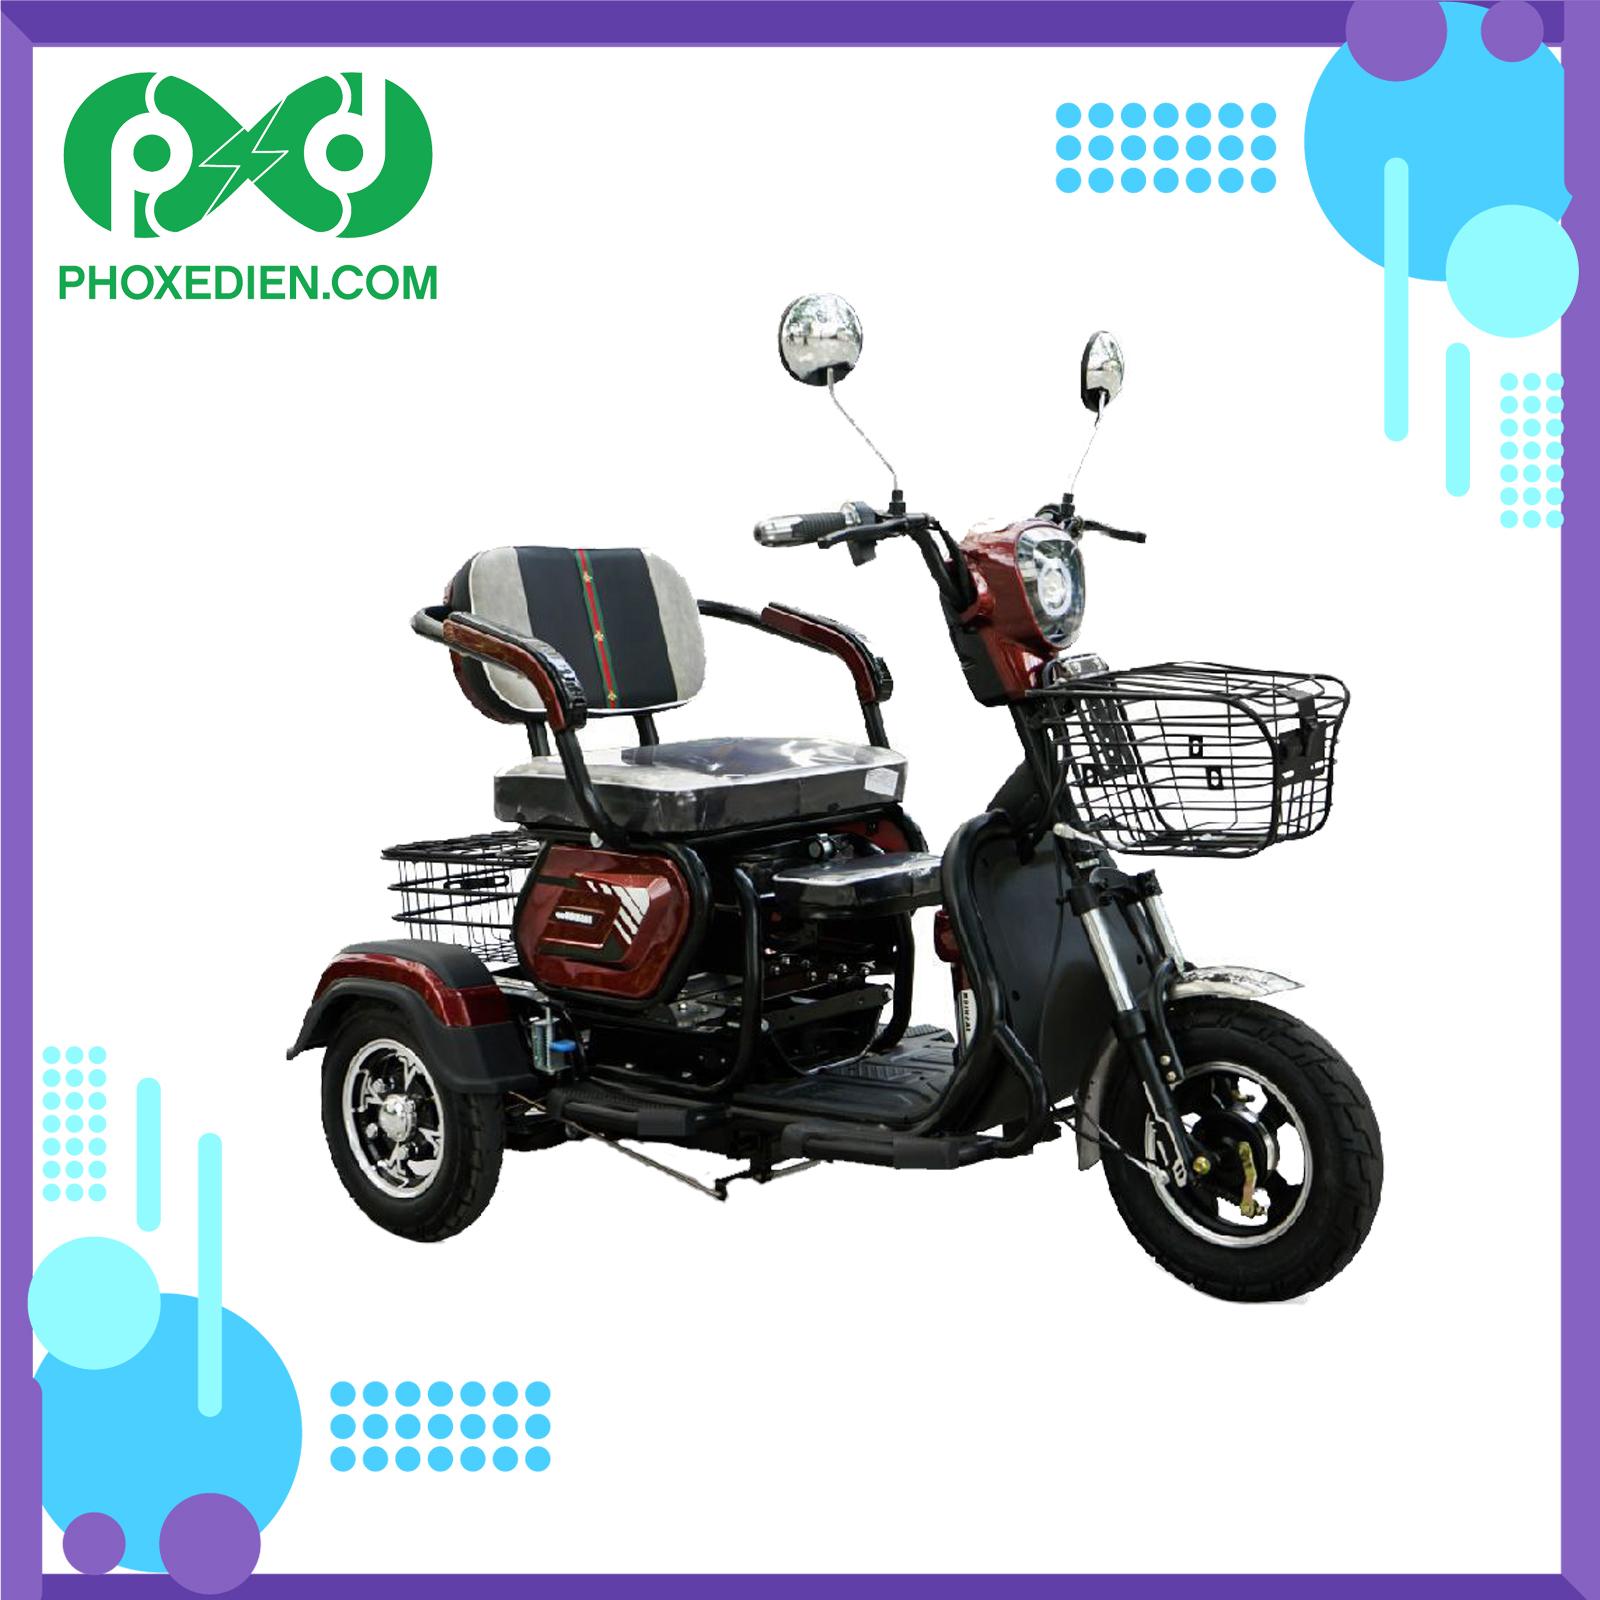 Xe điện 3 bánh có đa dạng kích cỡ, hình dáng tùy theo nhu cầu sử dụng.